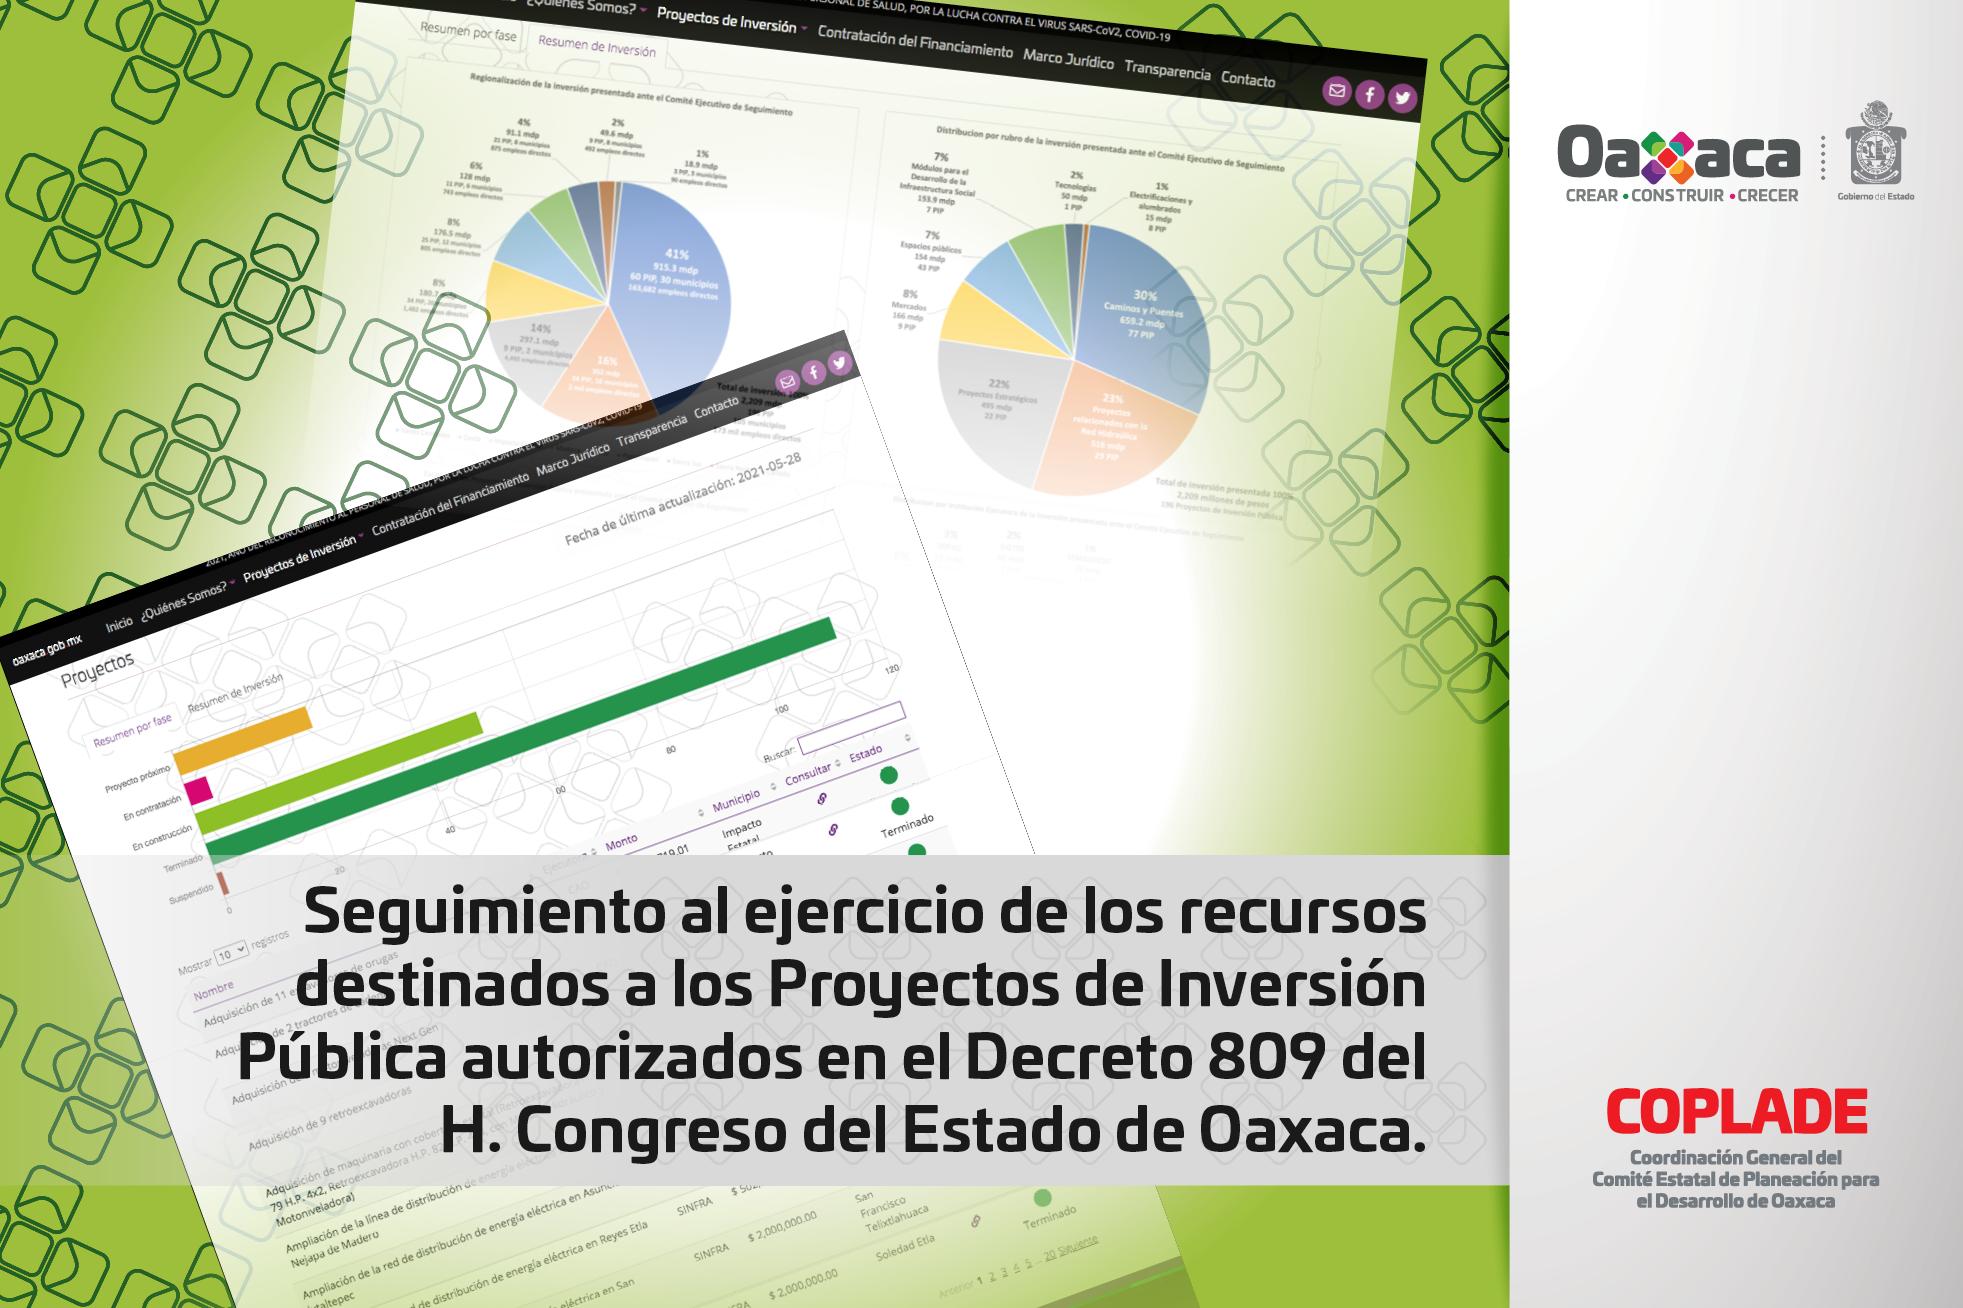 Seguimiento al ejercicio de los recursos destinados a los Proyectos de Inversión Pública autorizados en el Decreto 809 del H. Congreso del Estado de Oaxaca.